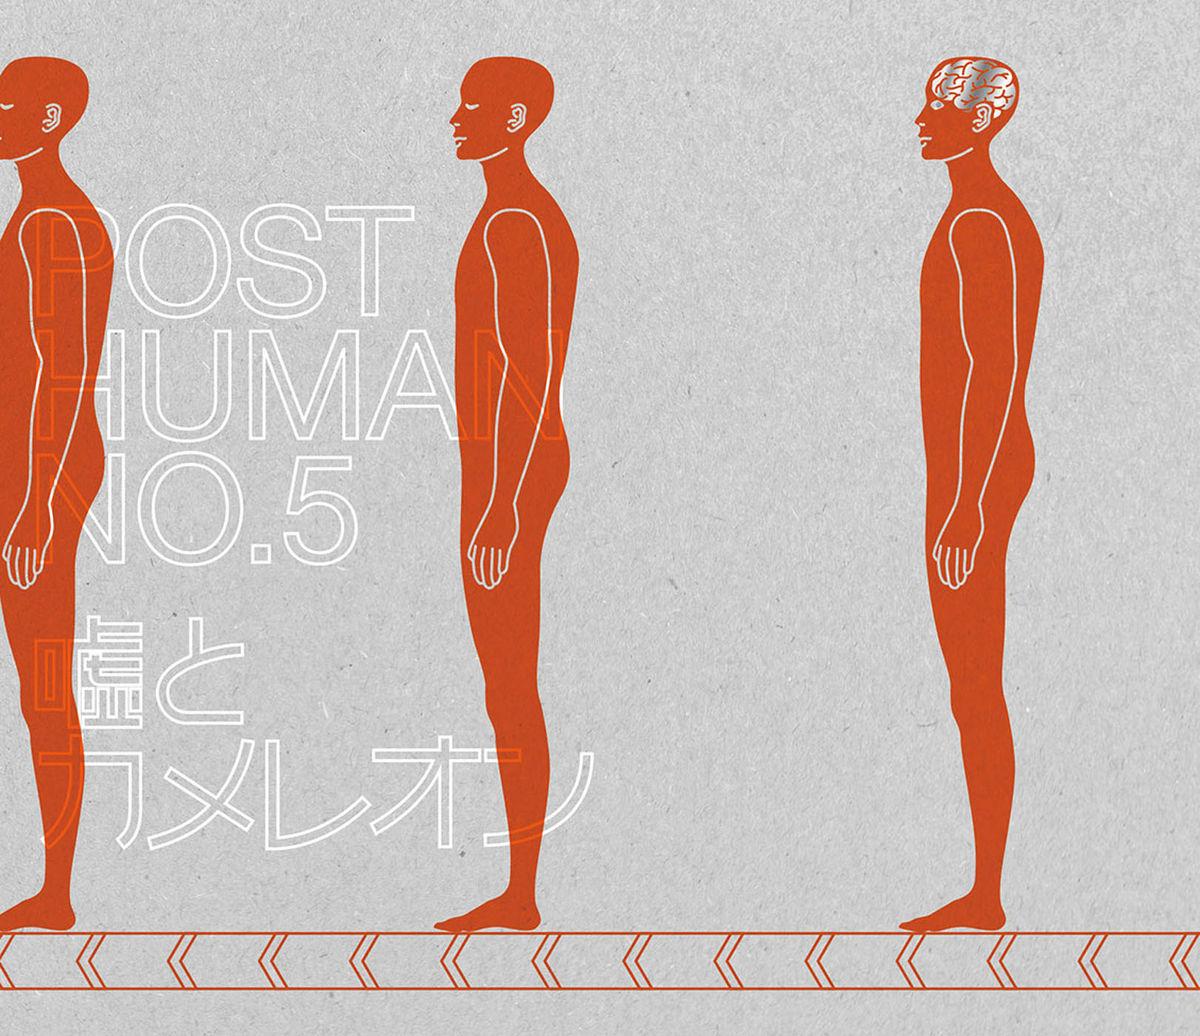 『嘘とカメレオン - Upius』収録の『ポストヒューマンNo.5』ジャケット